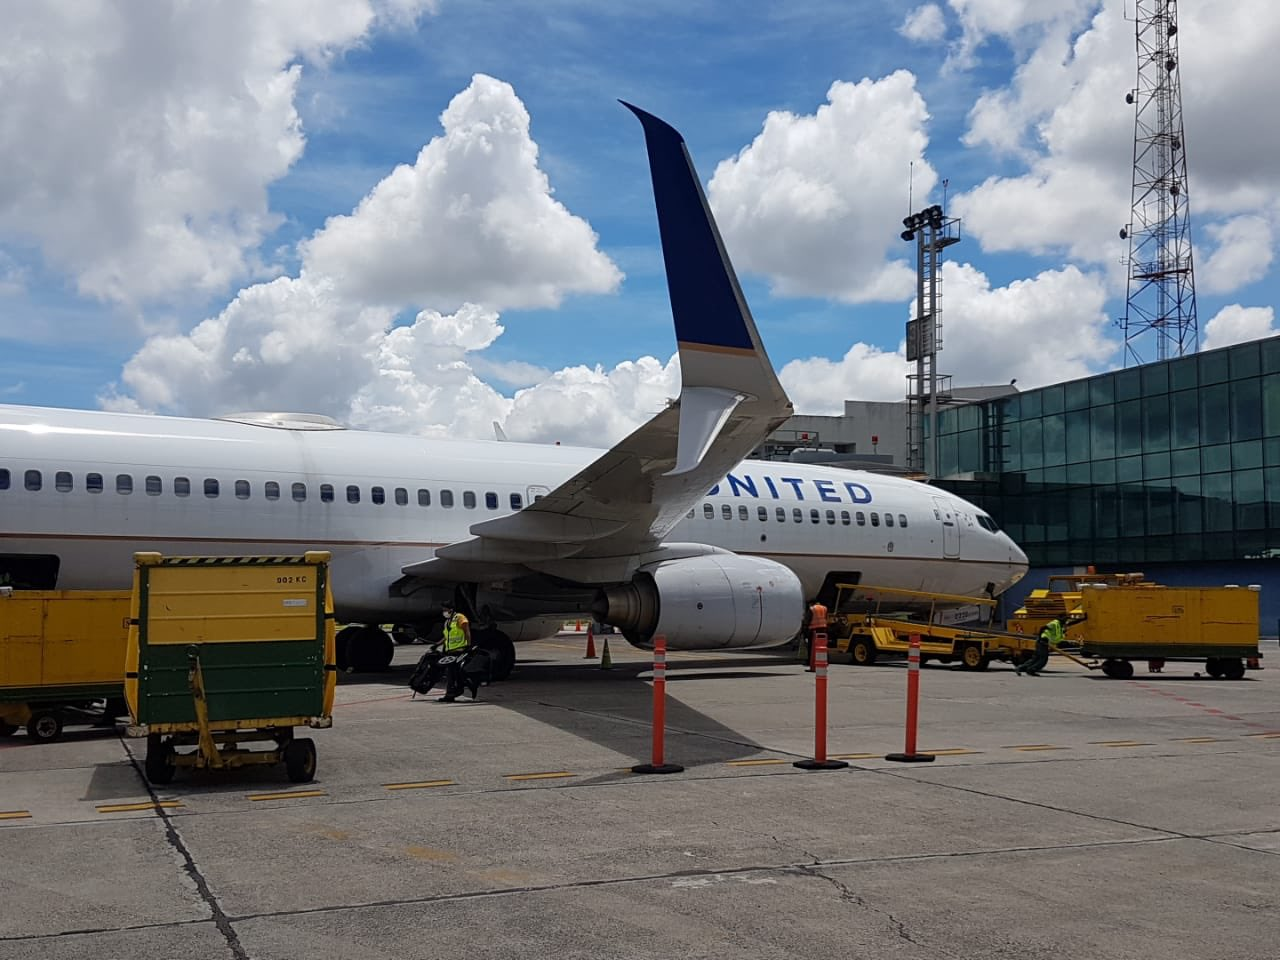 Las autoridades anunciaron que el Aeropuerto La Aurora comenzará a recibir vuelos a partir del 18 de septiembre. (Foto: Dirección General de Aeronáutica Civil)